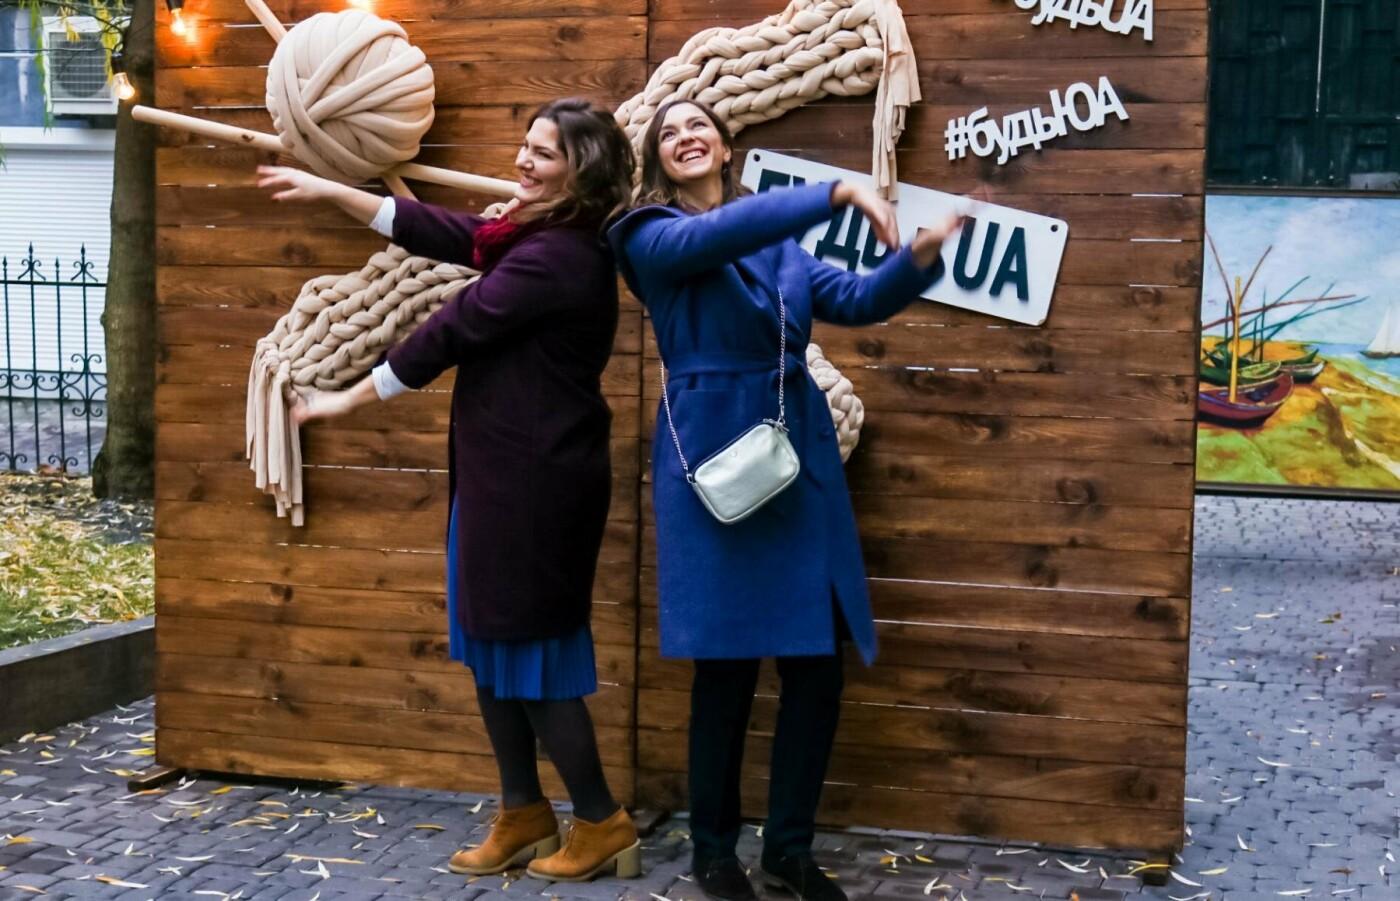 50 украинских брендов под одной крышей: как в Днепре прошел маркет «Будь в UA» (ФОТОРЕПОРТАЖ), фото-2